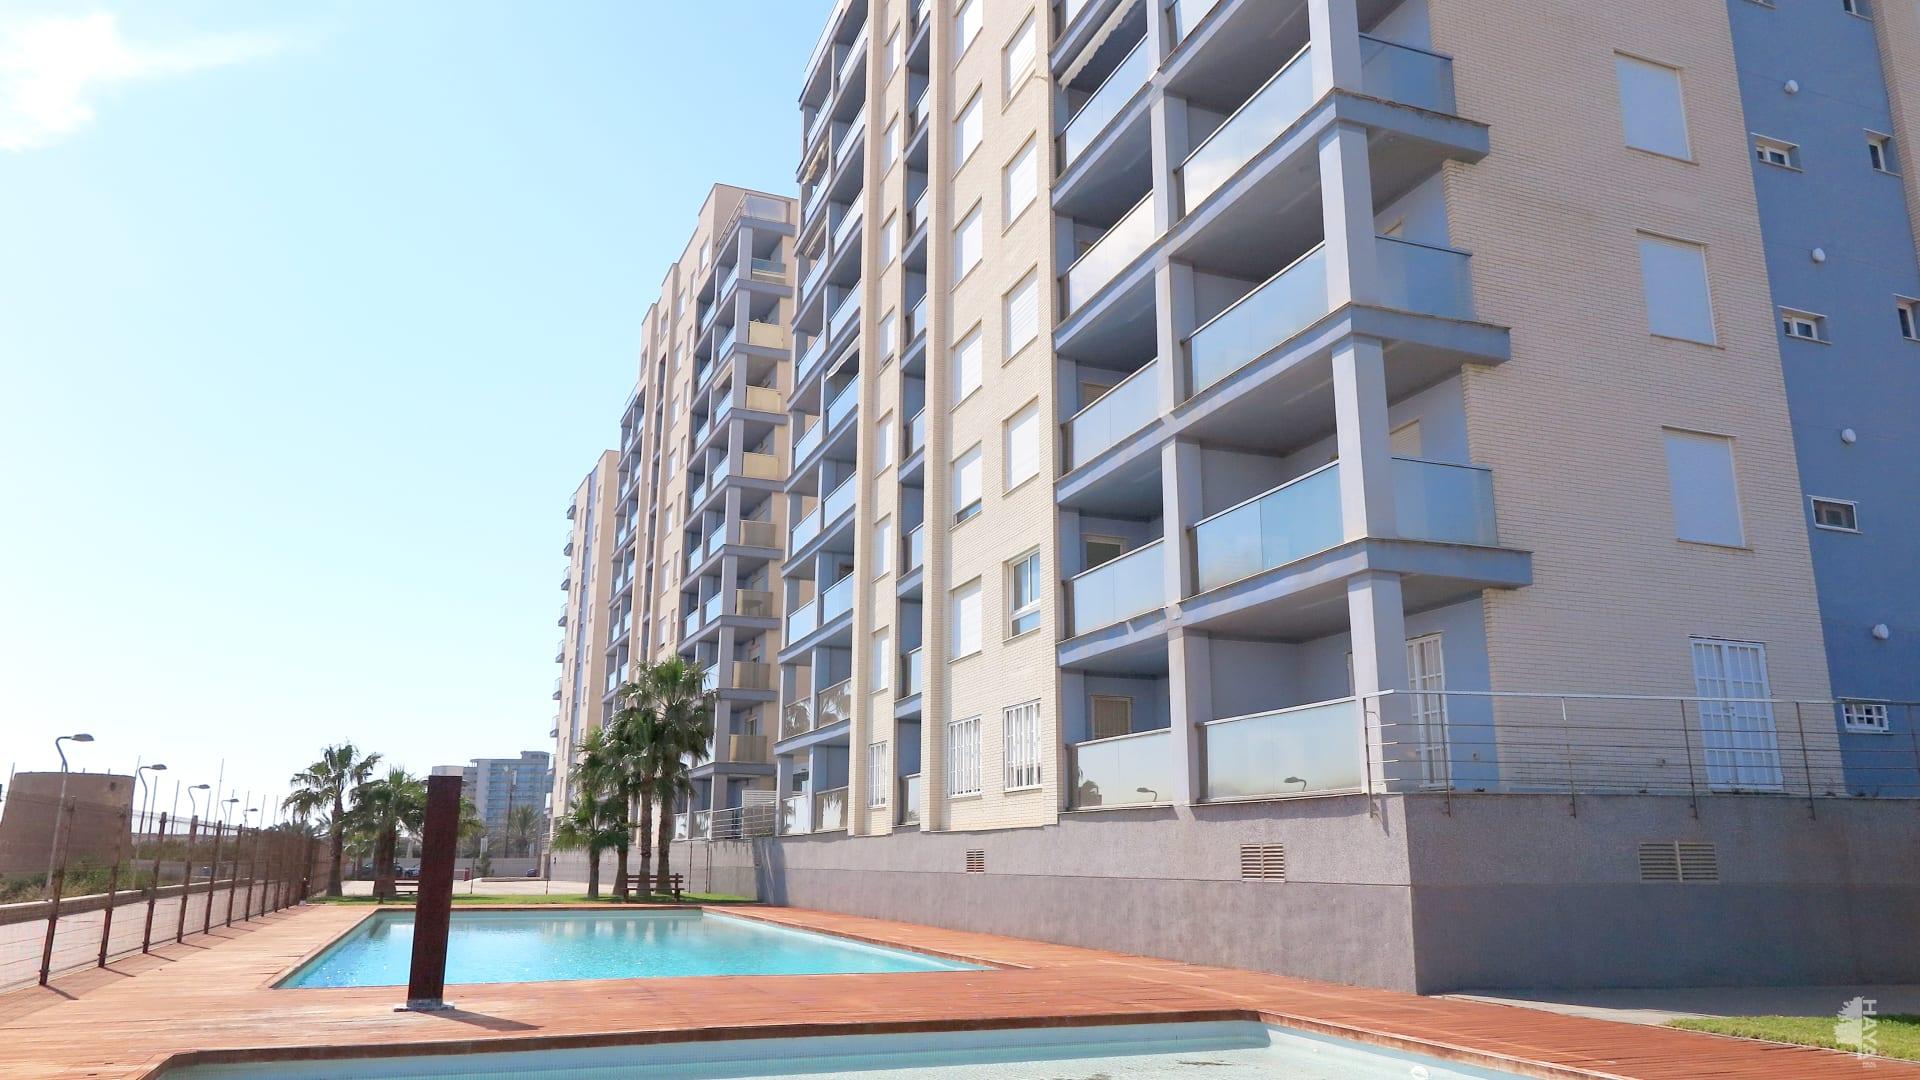 Piso en venta en San Javier, Murcia, Calle Prolongación Pol F. Conj Resid. Veneziola Golf Ii, 121.000 €, 2 habitaciones, 2 baños, 62 m2